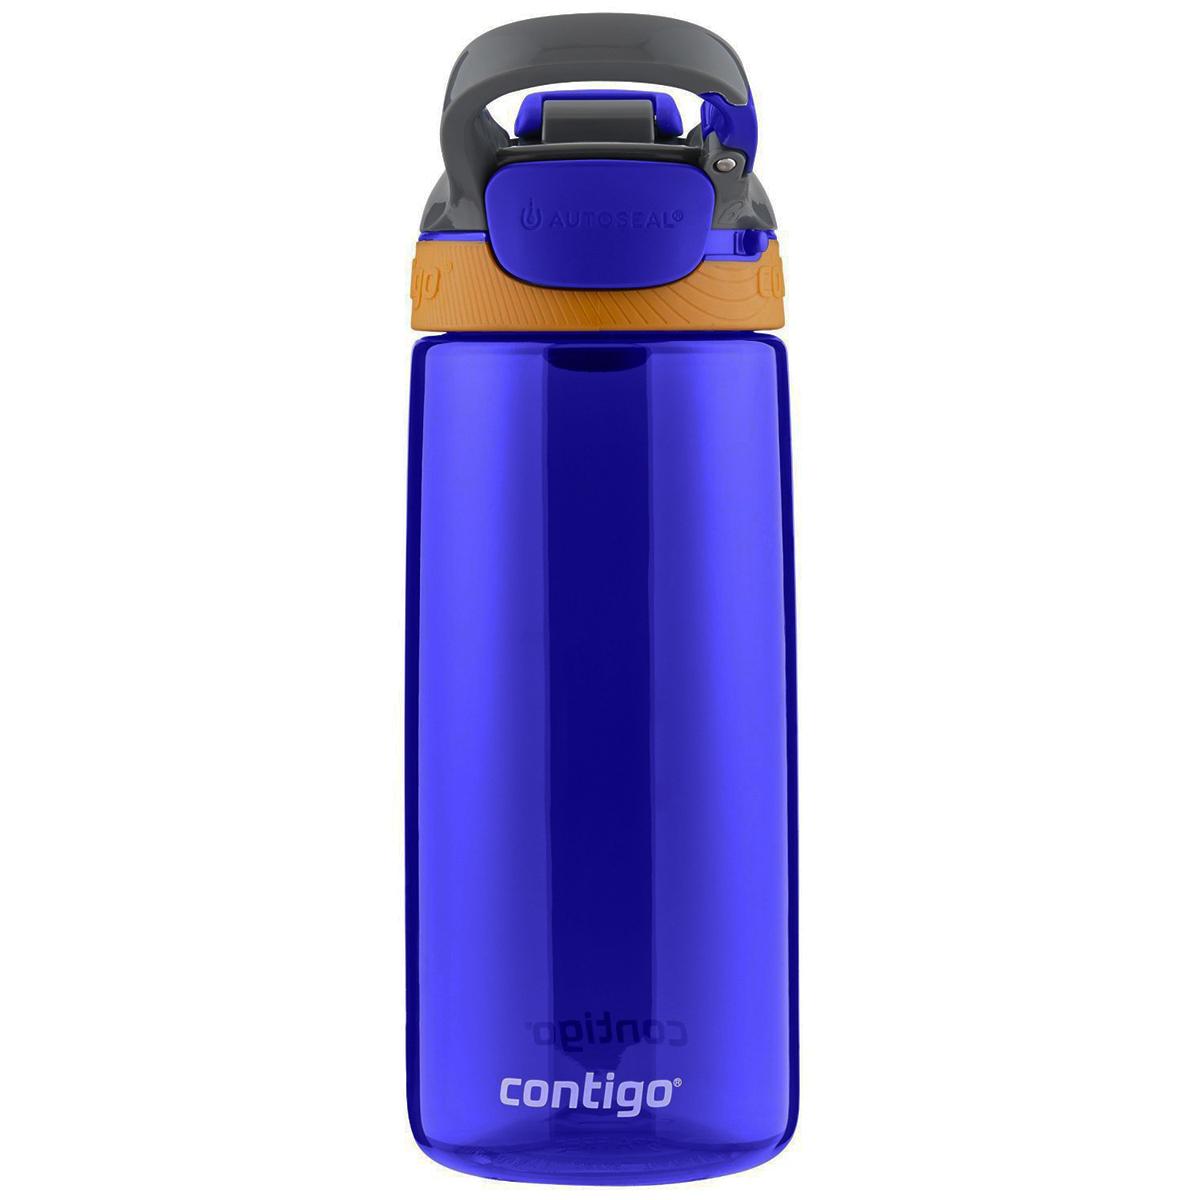 Contigo-20-oz-Kid-039-s-Courtney-AutoSeal-Water-Bottle thumbnail 22